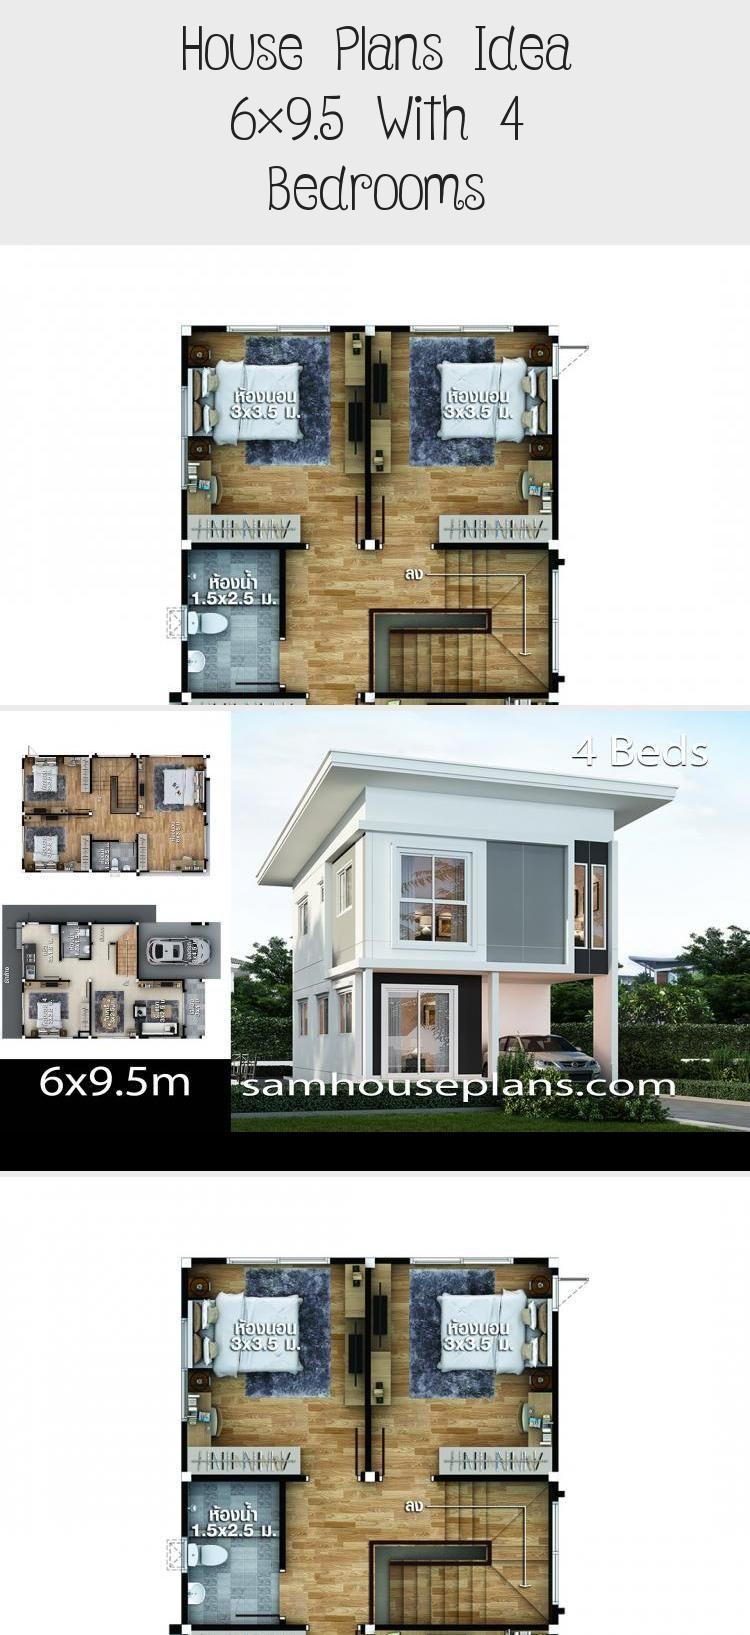 En Blog En Blog In 2020 Affordable House Plans Craftsman House Plans House Plans